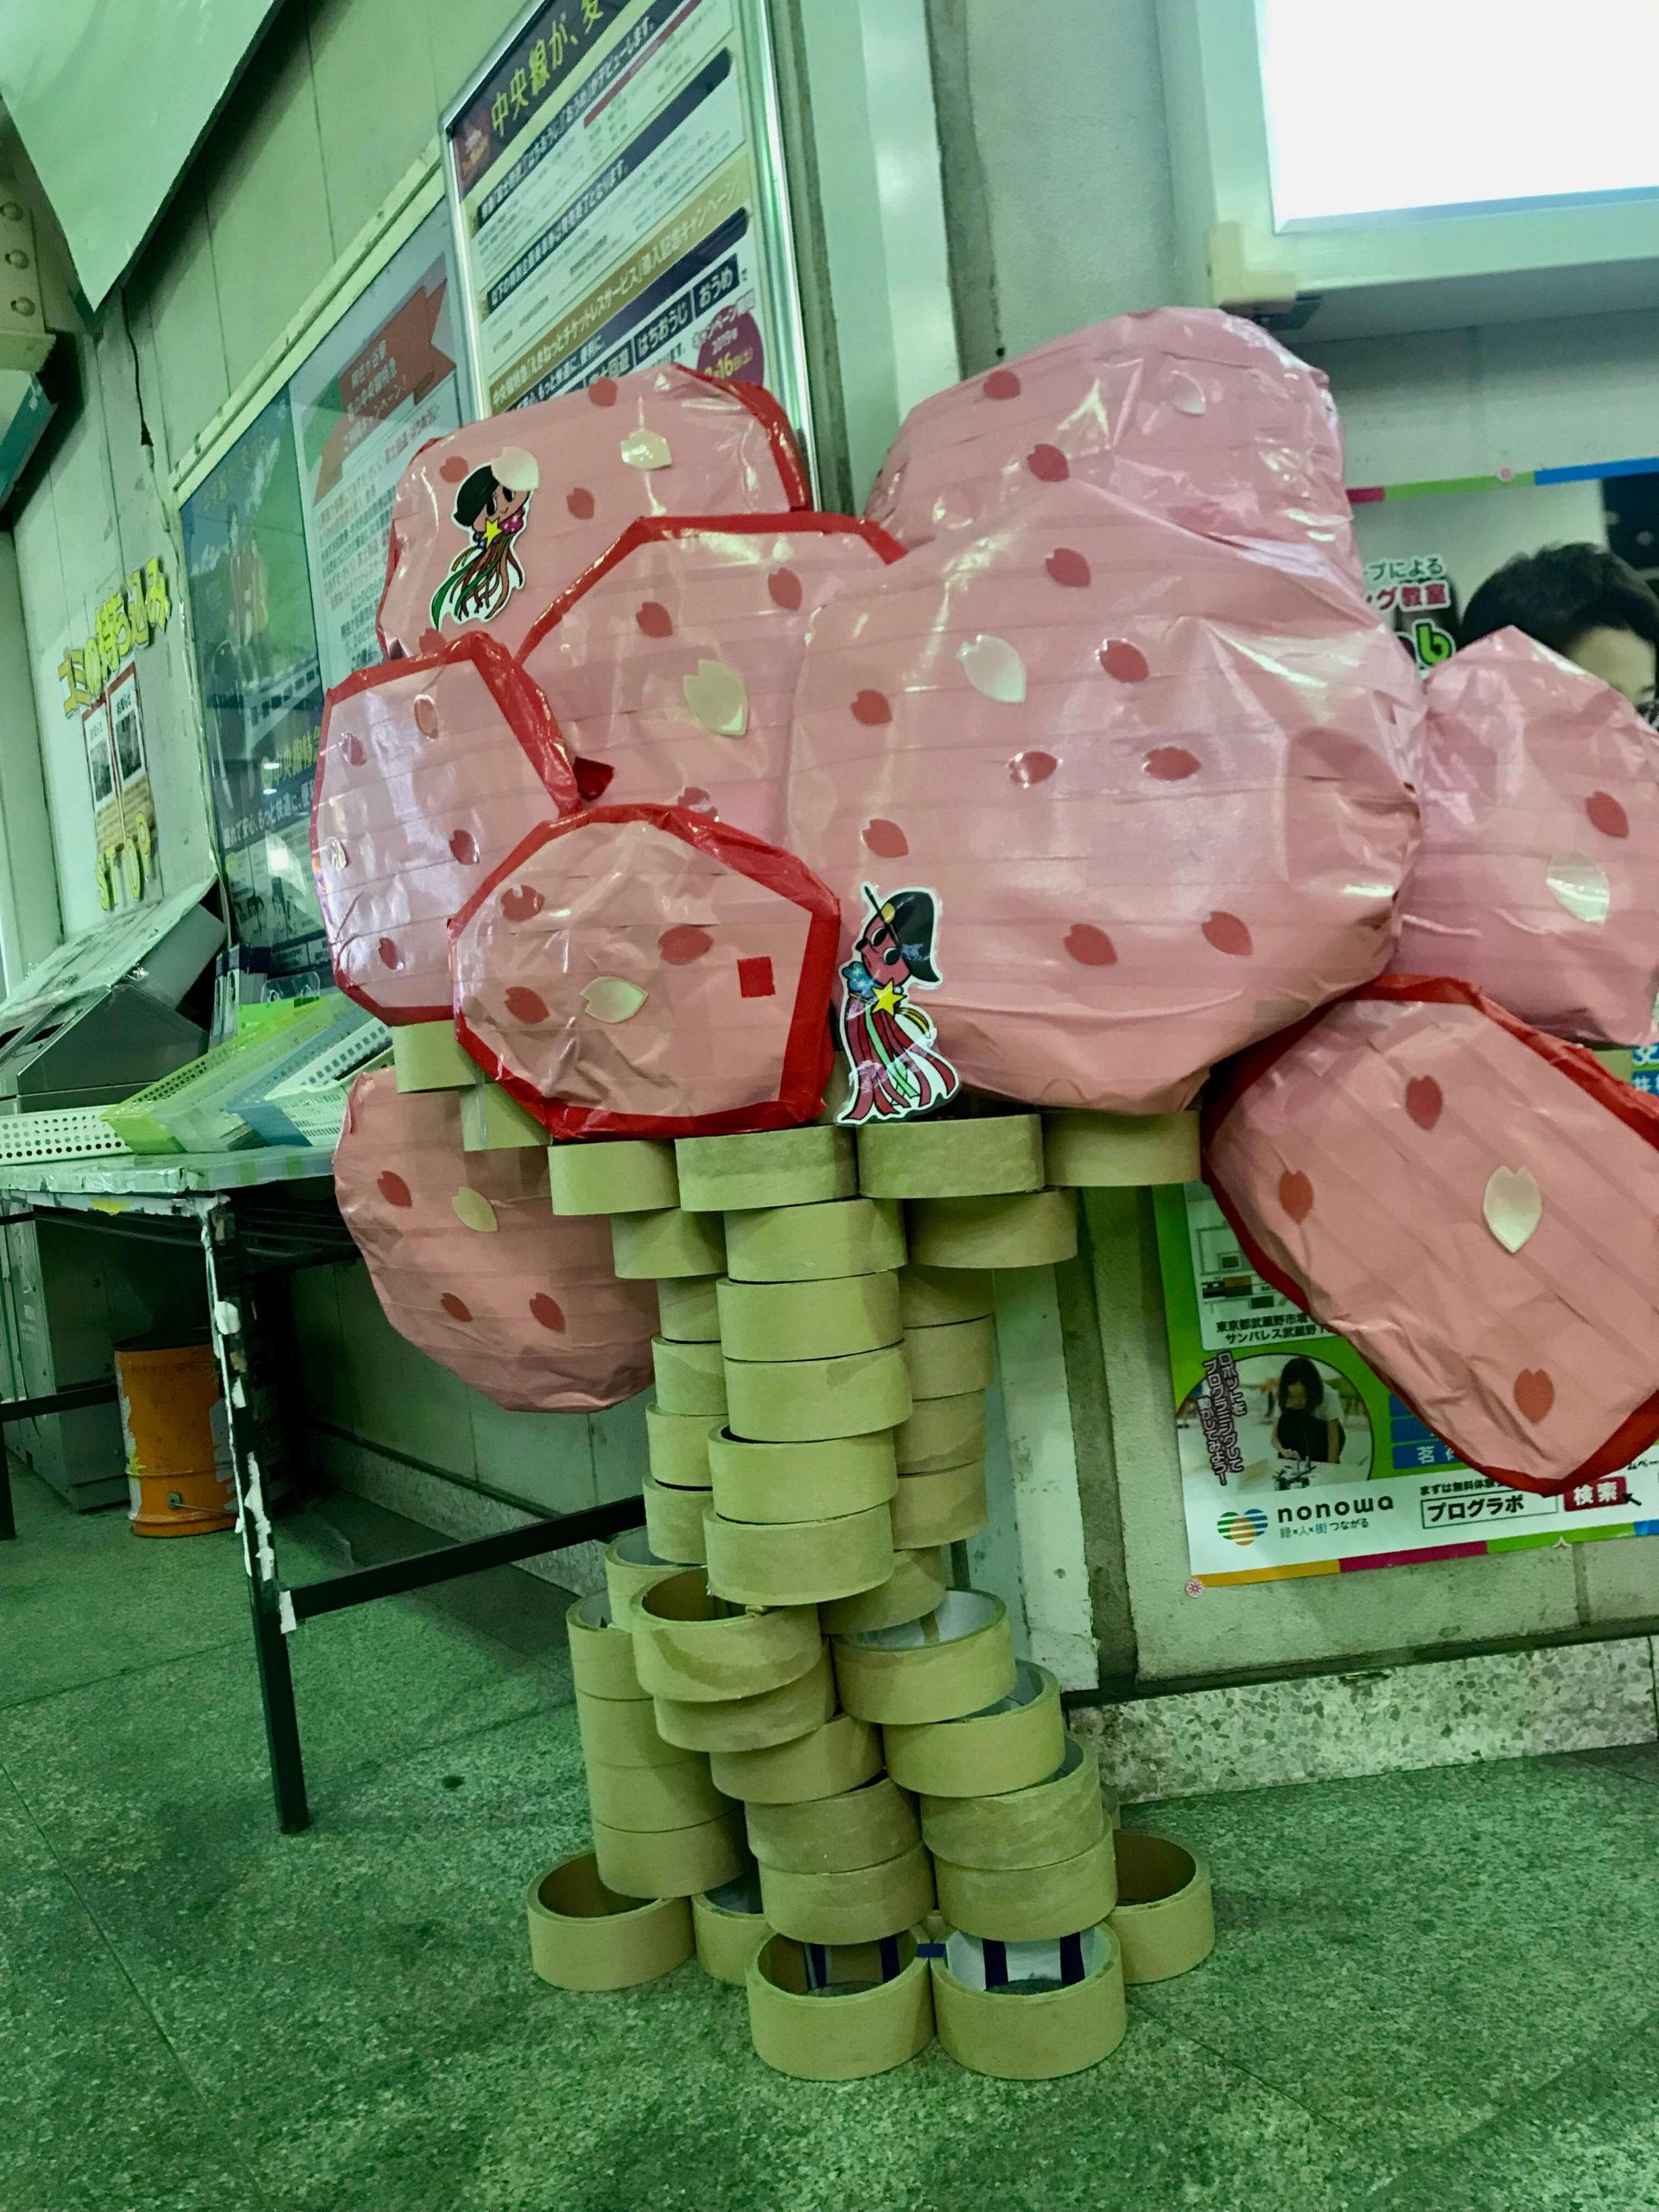 阿佐ケ谷駅でサクラを発見!?